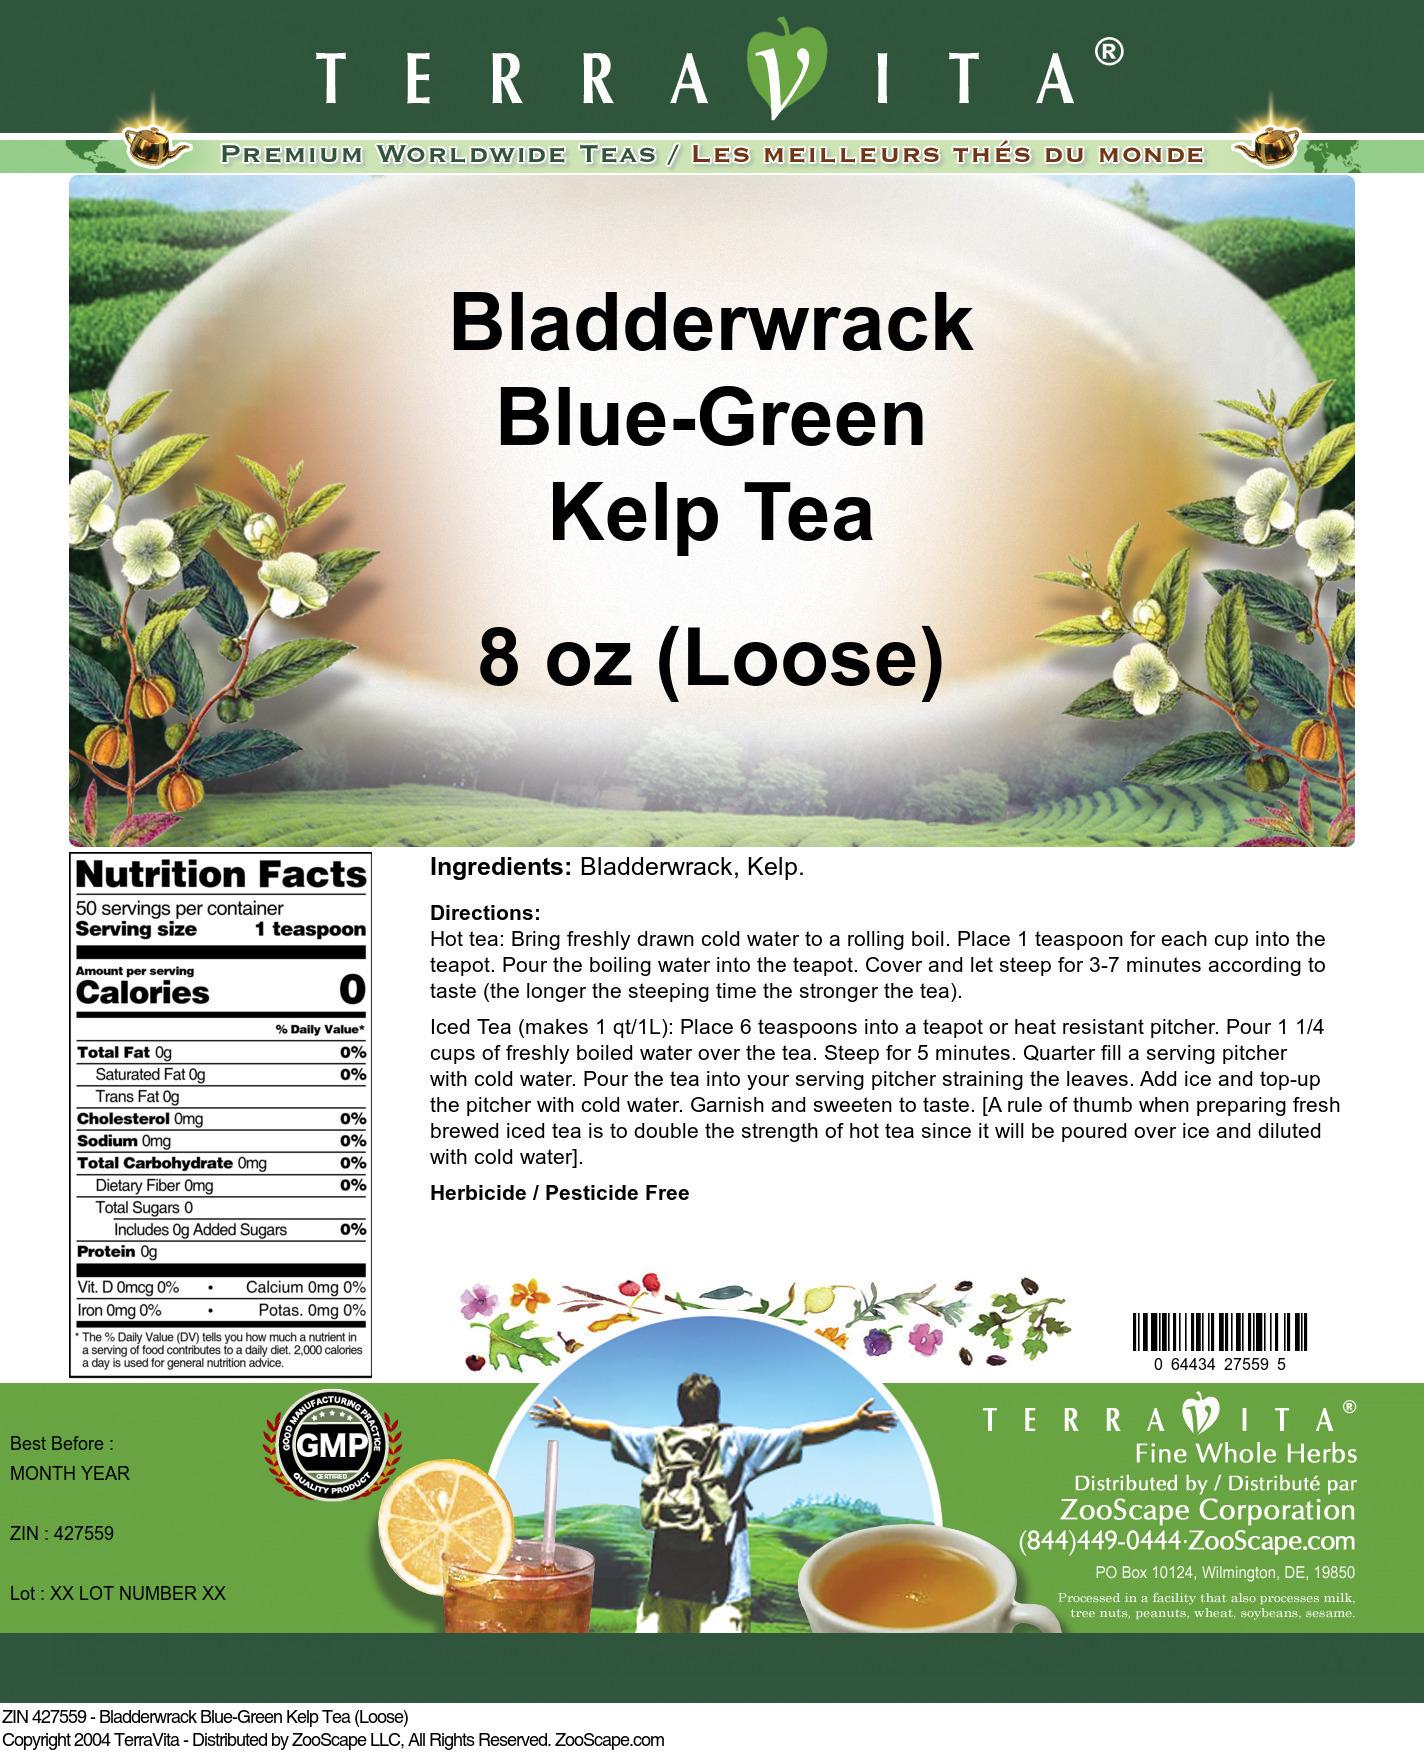 Bladderwrack Blue-Green Kelp Tea (Loose)